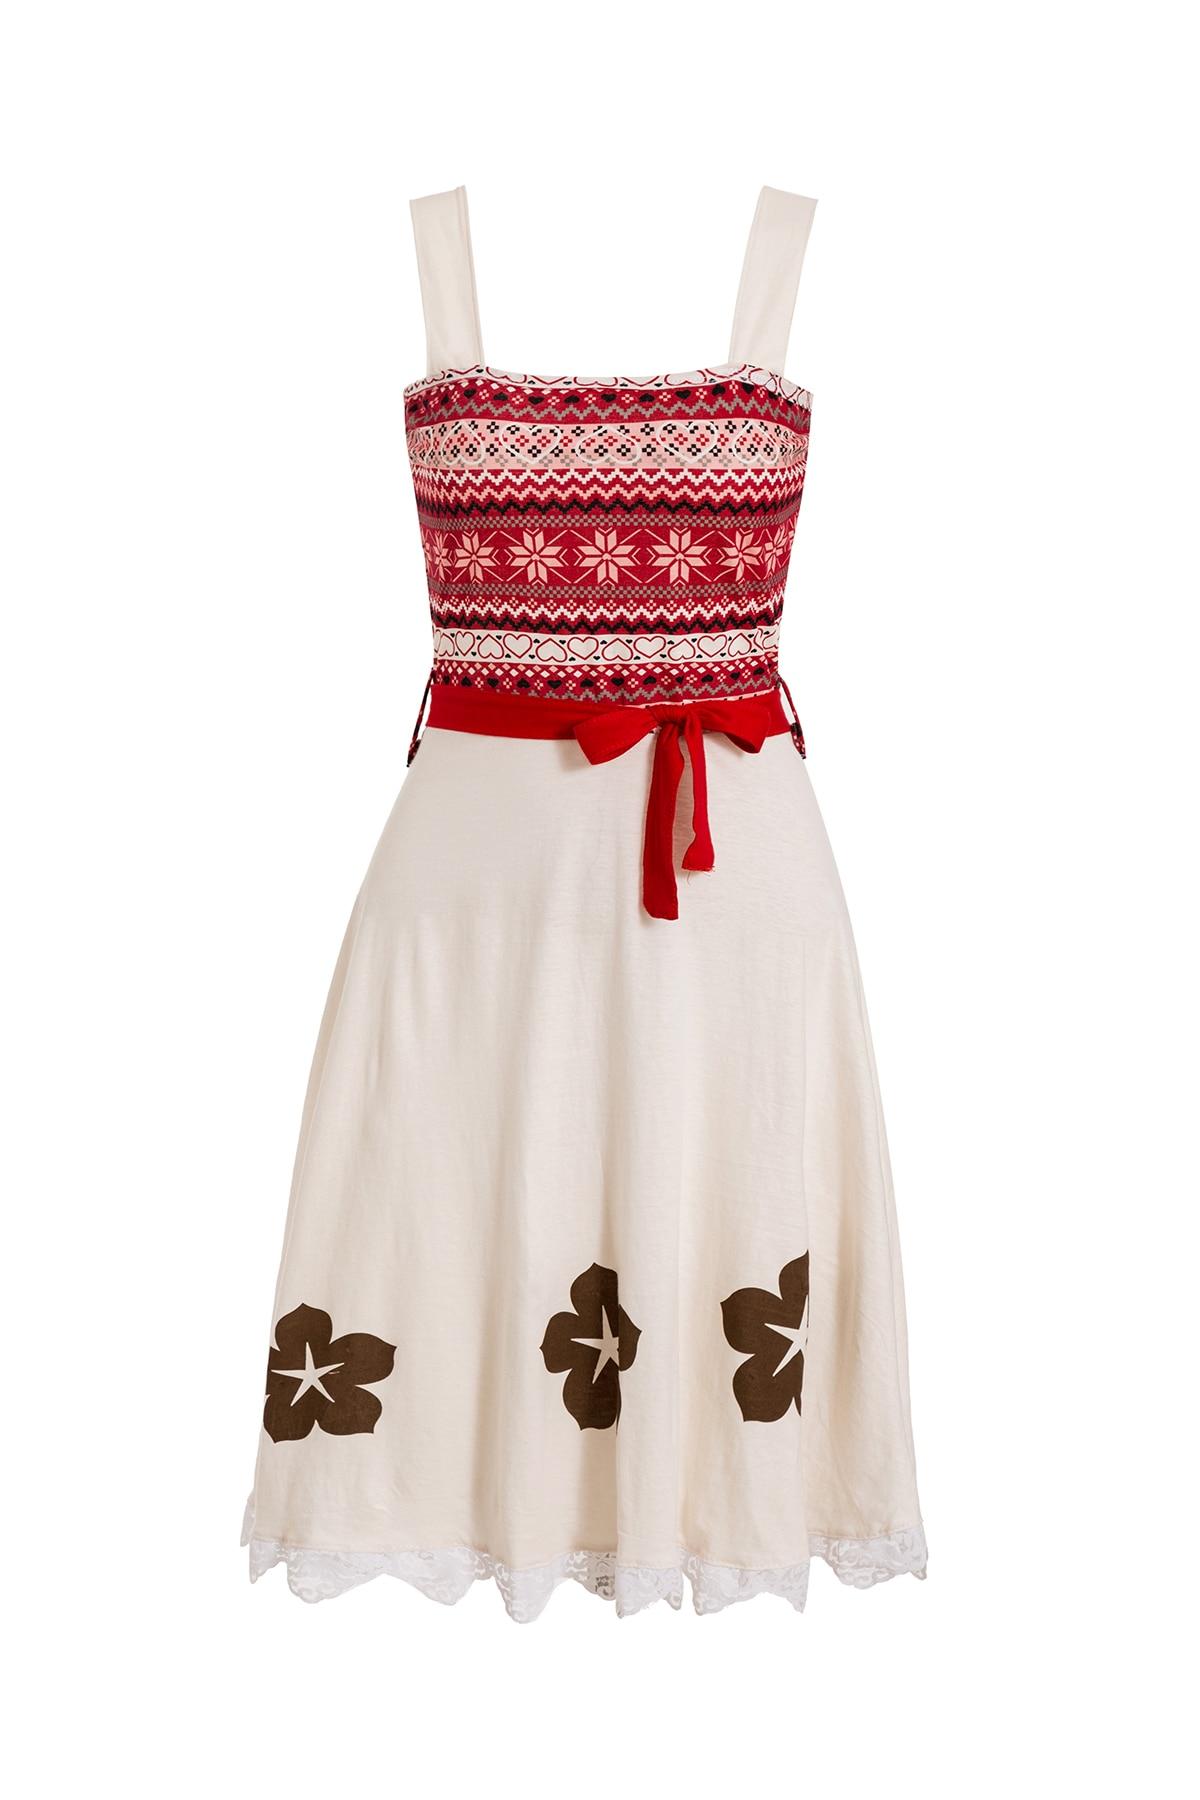 Платье принцессы для взрослых; одинаковый семейный маскарадный костюм «Минни Маус и я»; женское платье принцессы в горошек; большие размеры - Цвет: Moana